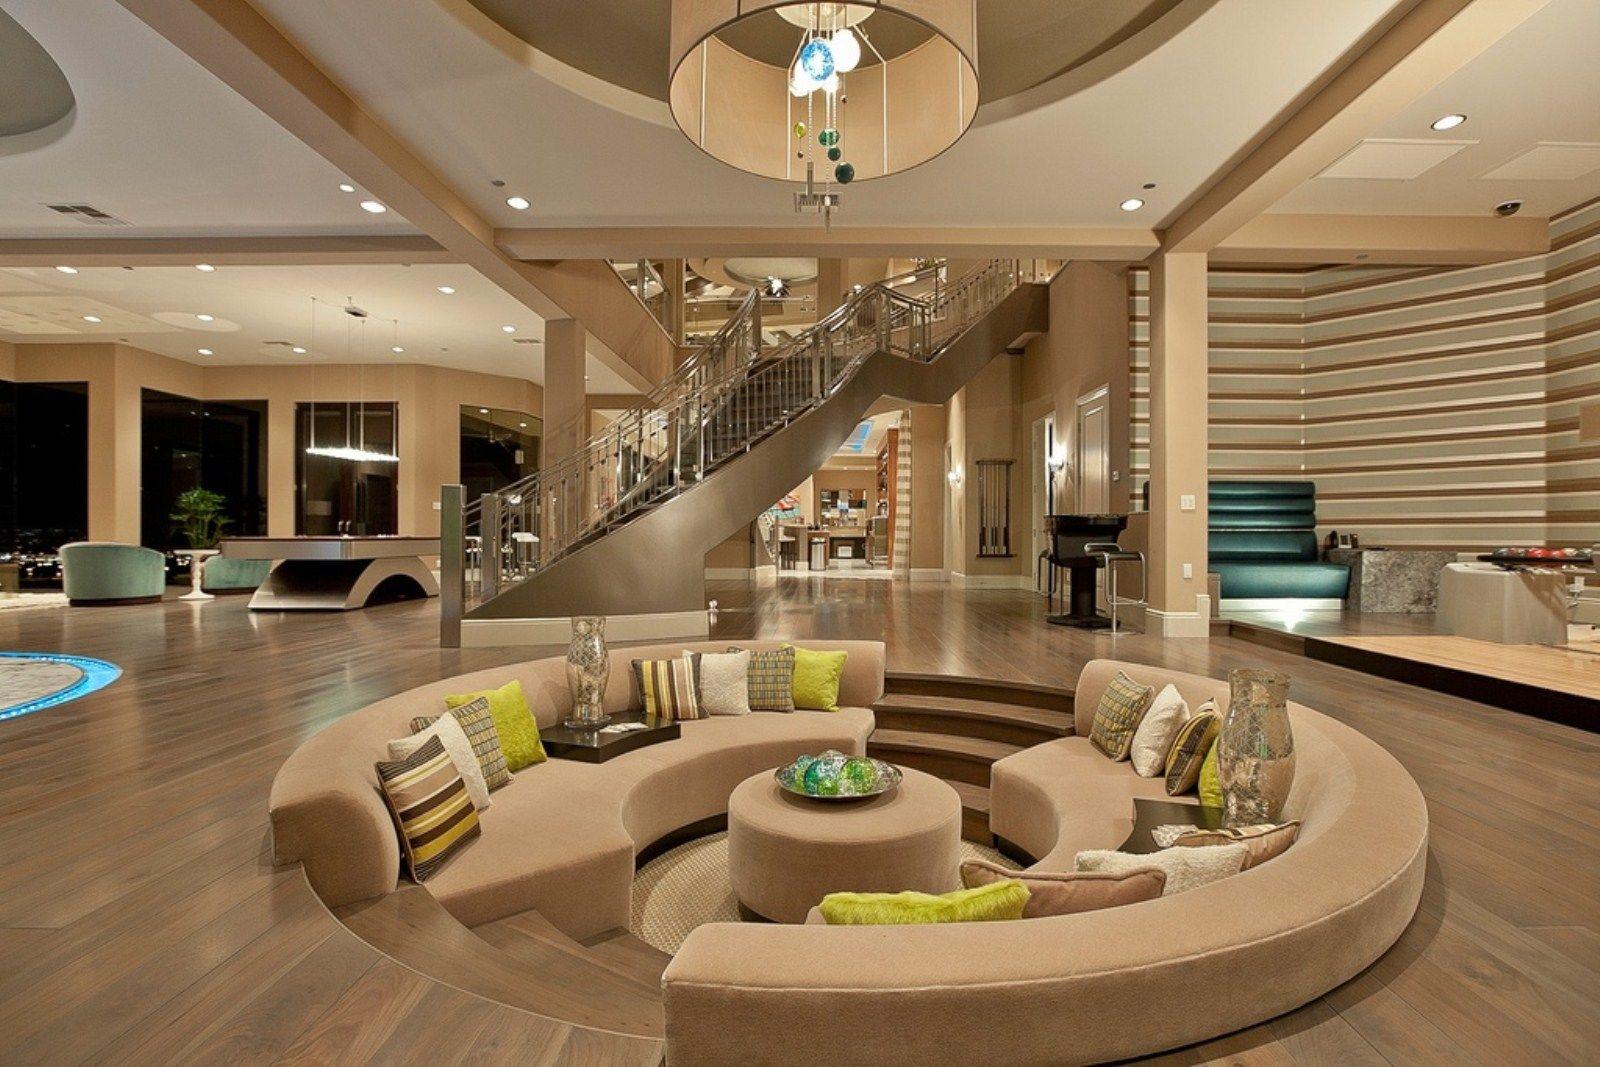 thiết kế phòng khách chìm